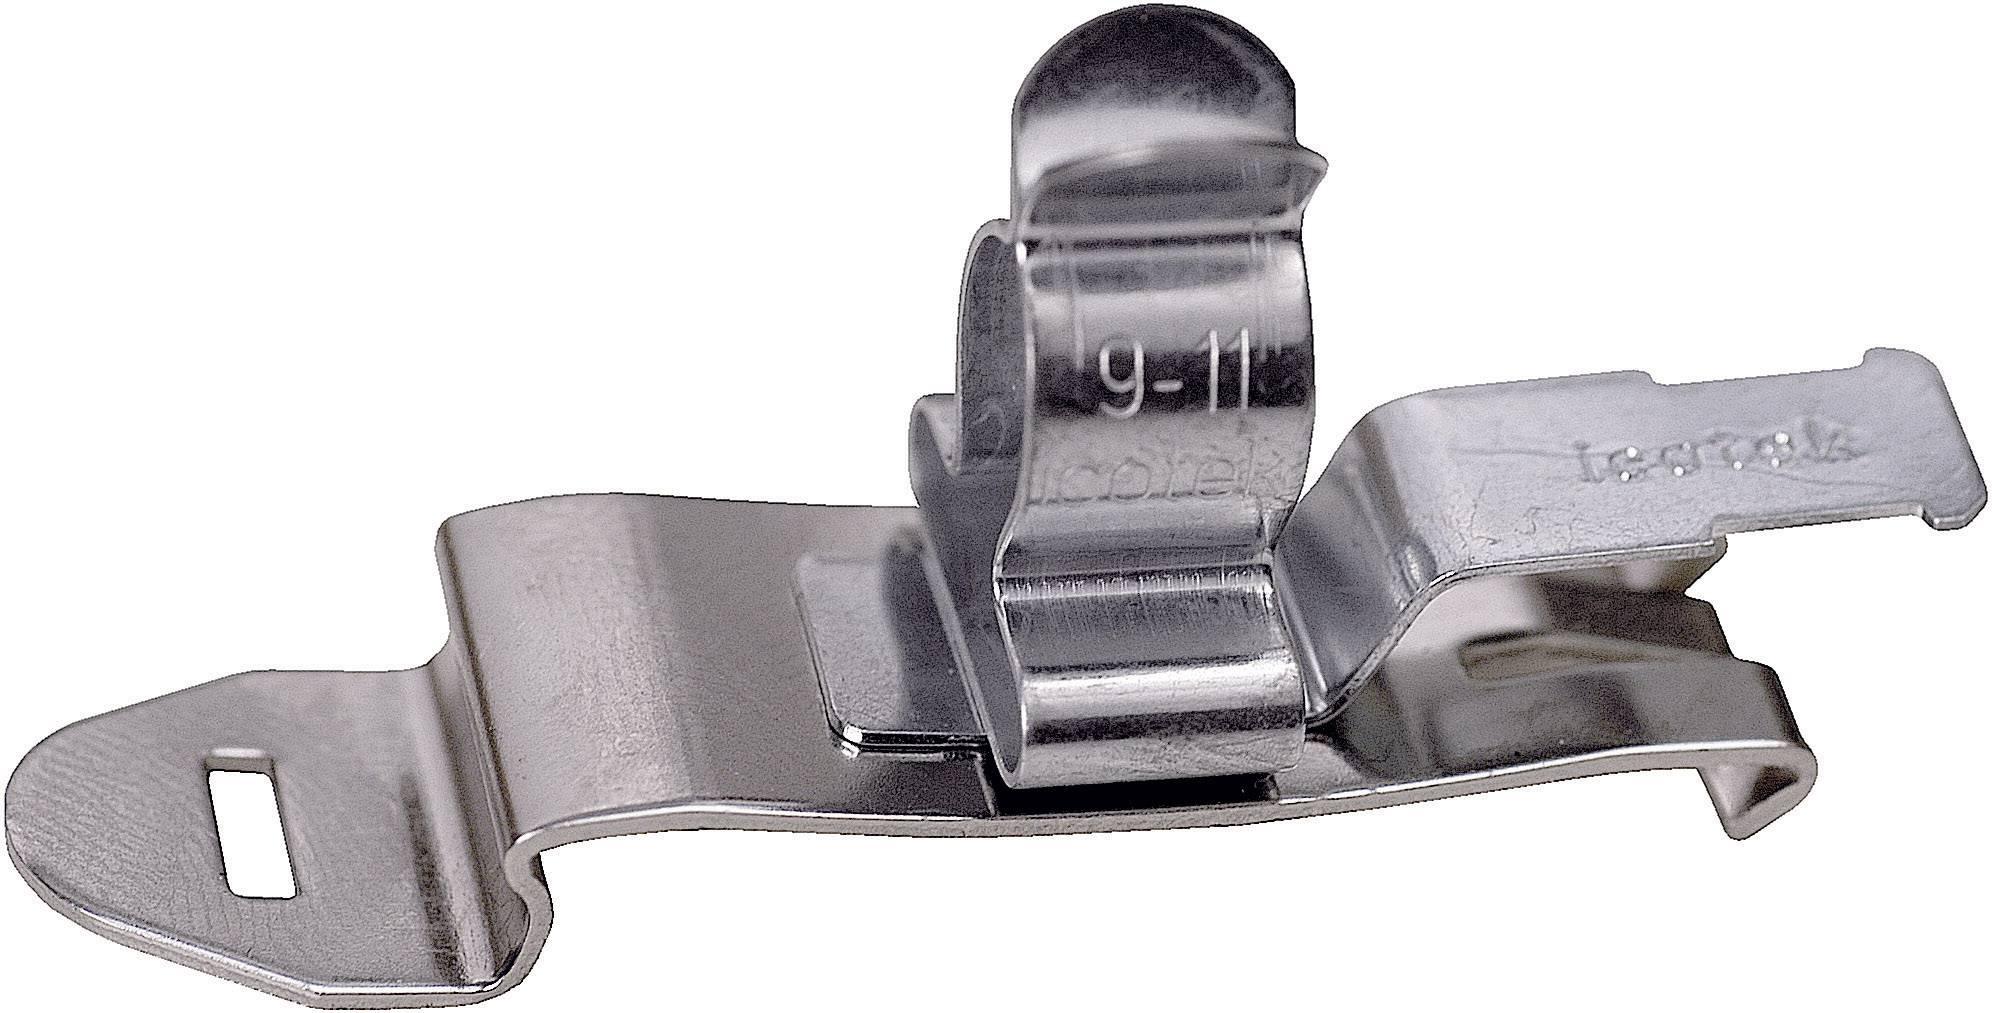 Icotek Zaščitna sponka SFZ SFZ|SKL 3-6 za kabel- 3 - 6 mm, pocinkano vzmetno jeklo